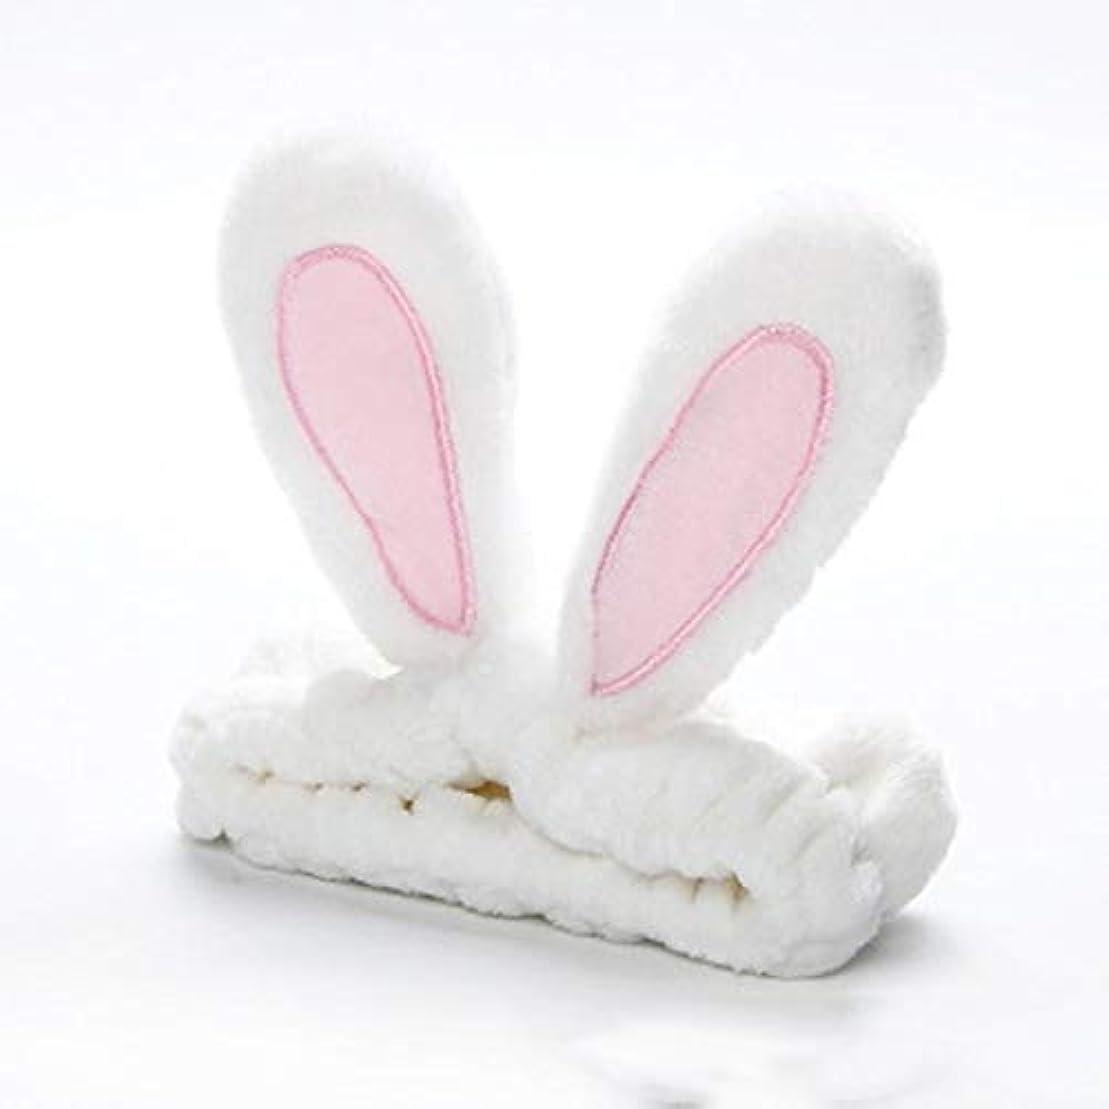 不器用不純冷蔵するかわいいうさぎ耳帽子洗浄顔とメイクアップファッションヘッドバンド - ホワイト